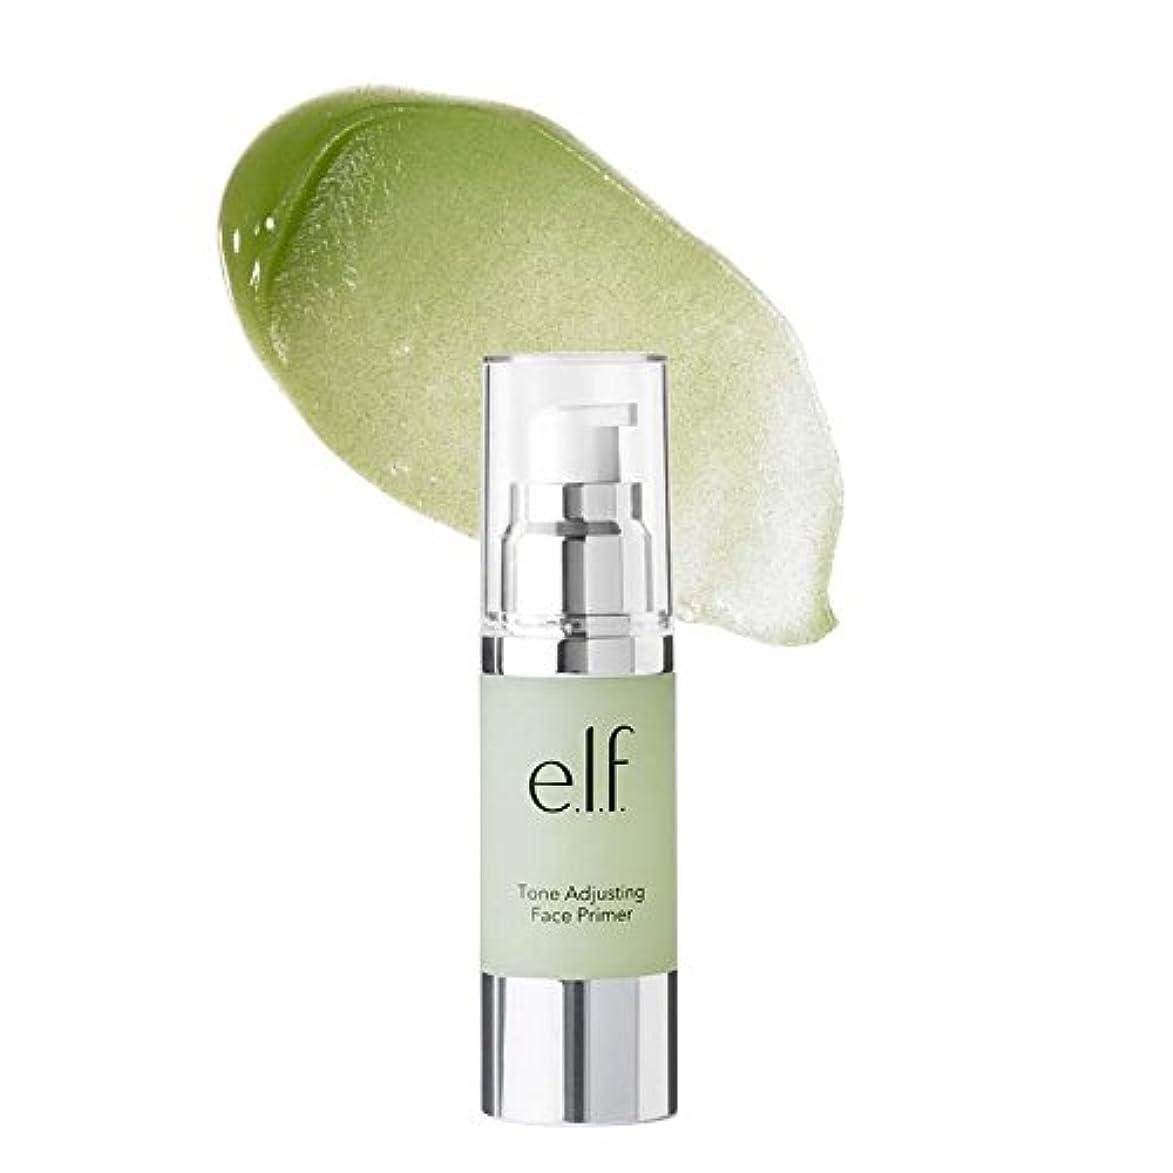 適格想定恐ろしい(6 Pack) e.l.f. Tone Adjusting Face Primer Large - Neutralizing Green (並行輸入品)